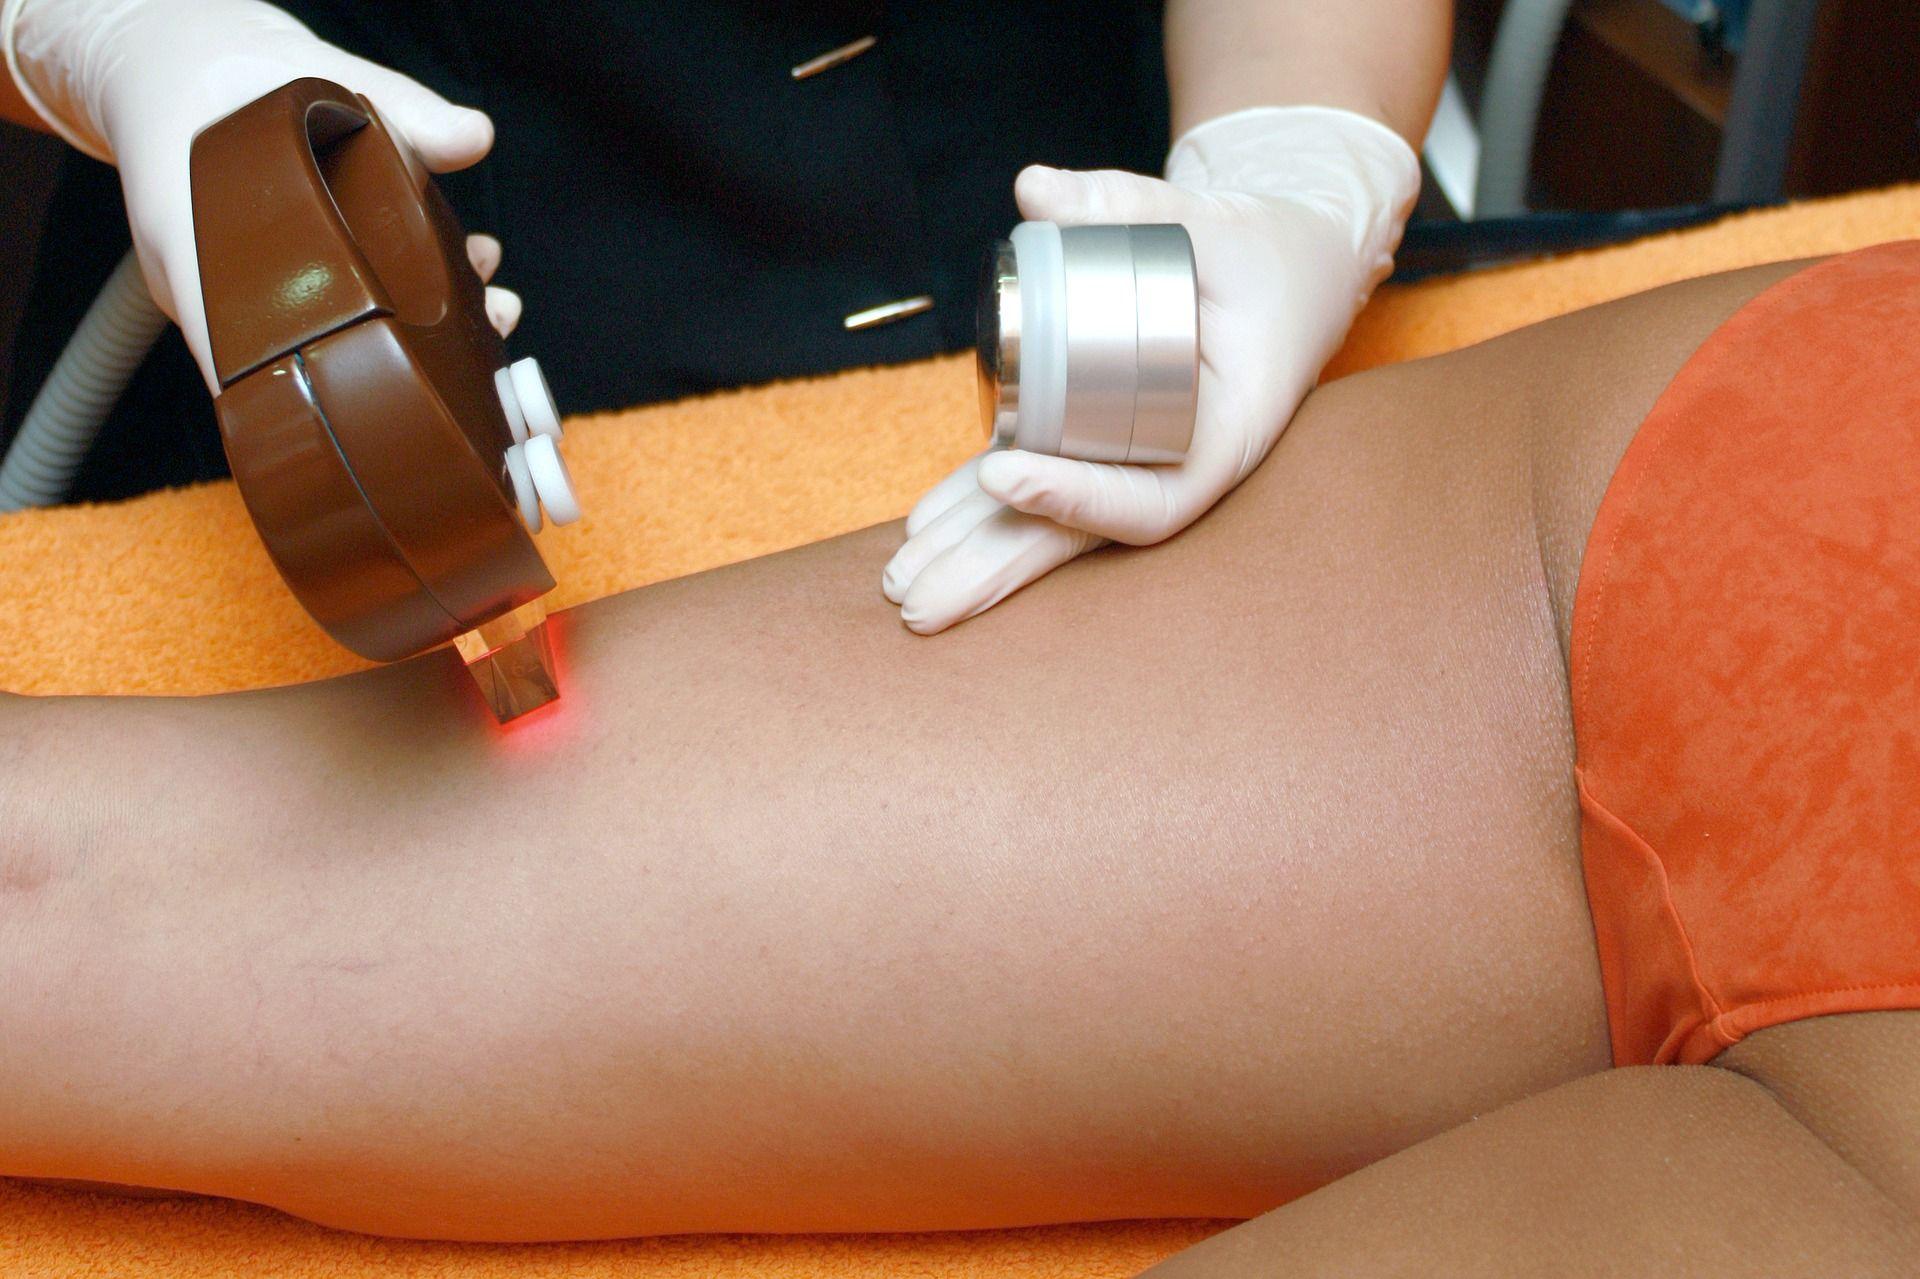 poznaj mozliwosci zabiegow laserowych zabiegi na cialo zabiegi na twarz medycyna estetyczna zabiegi cena